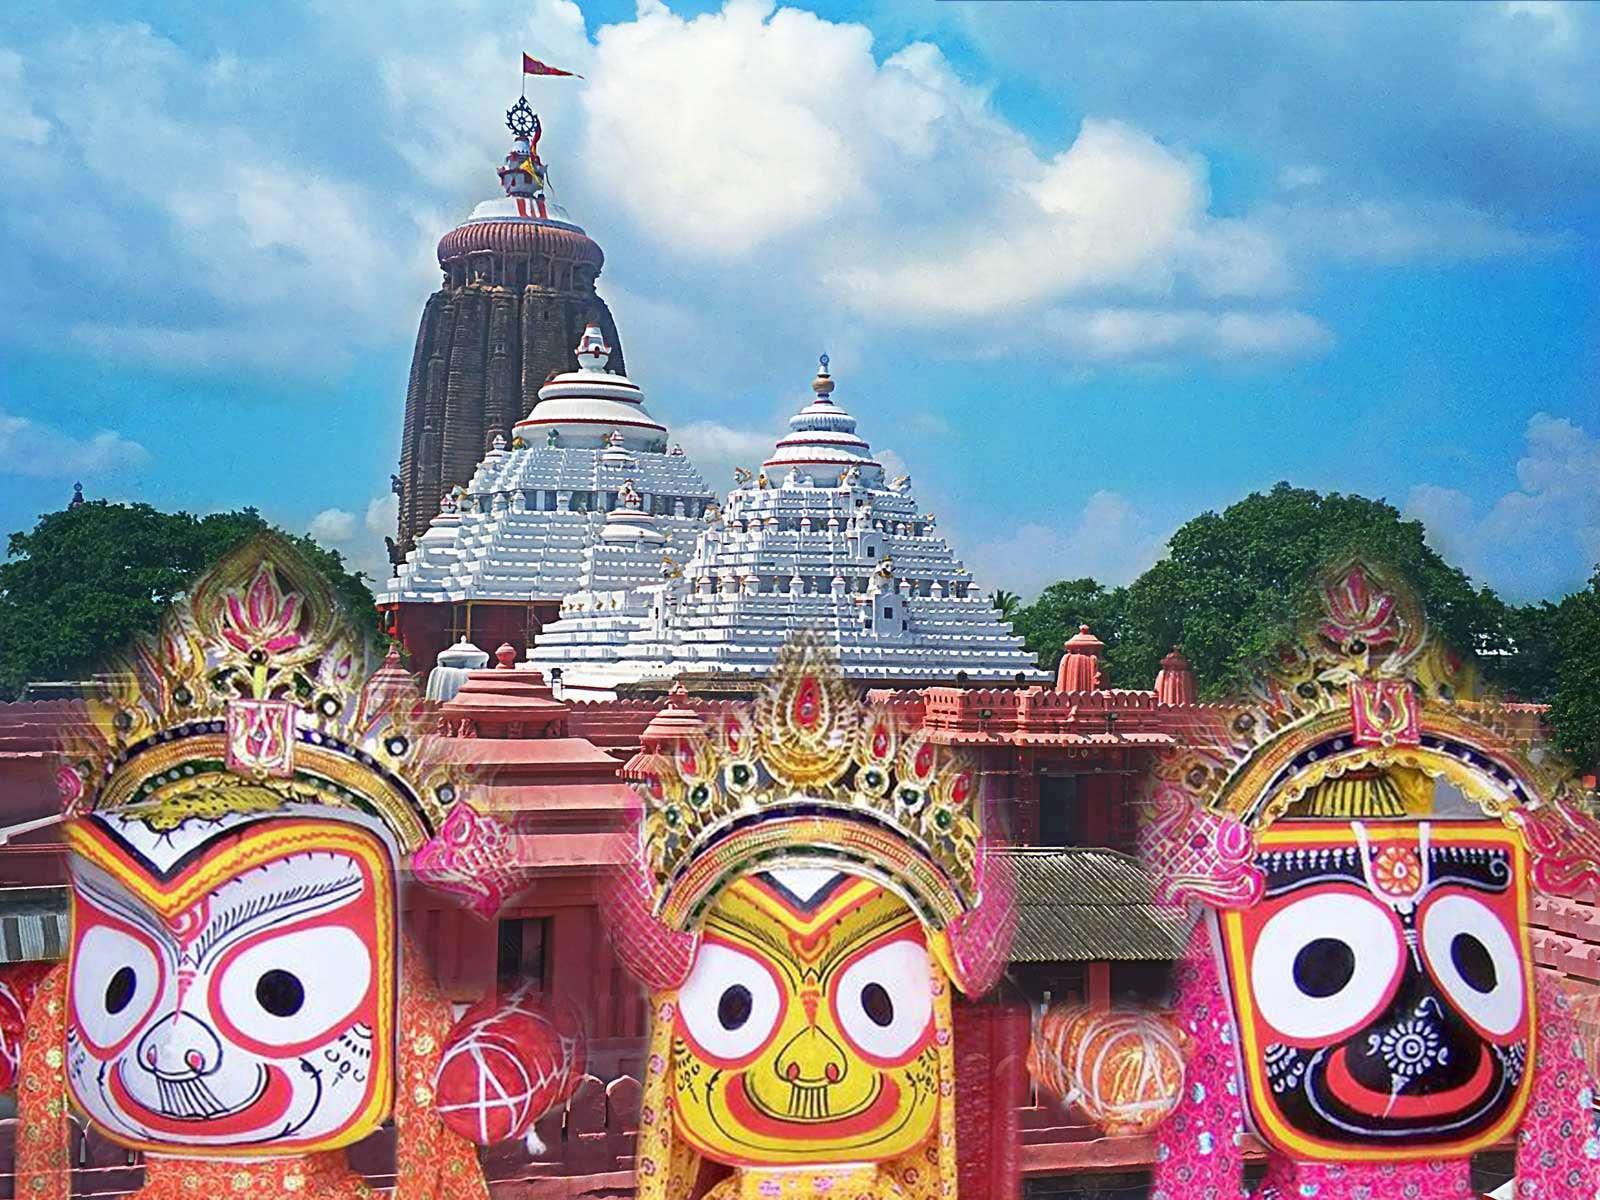 Puri Jagannath Temple Pooja Timings and Darshan Timings